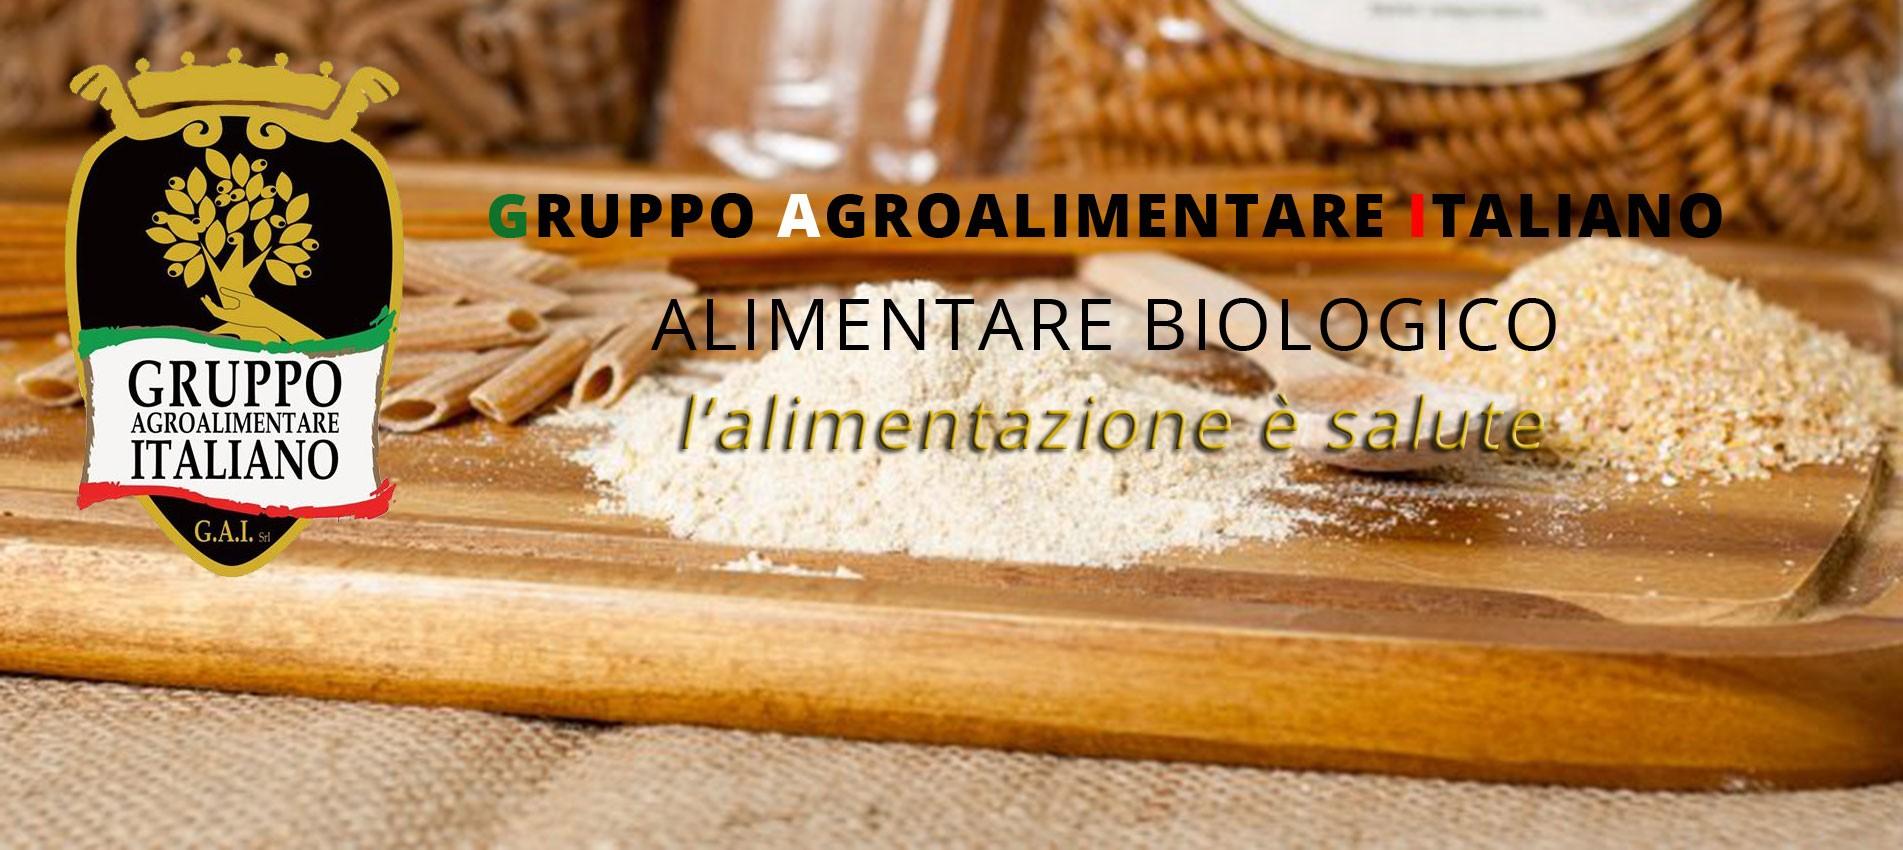 Gruppo Agroalimentare Italiano - Alimentare Biologico - L'alimentazione è salute